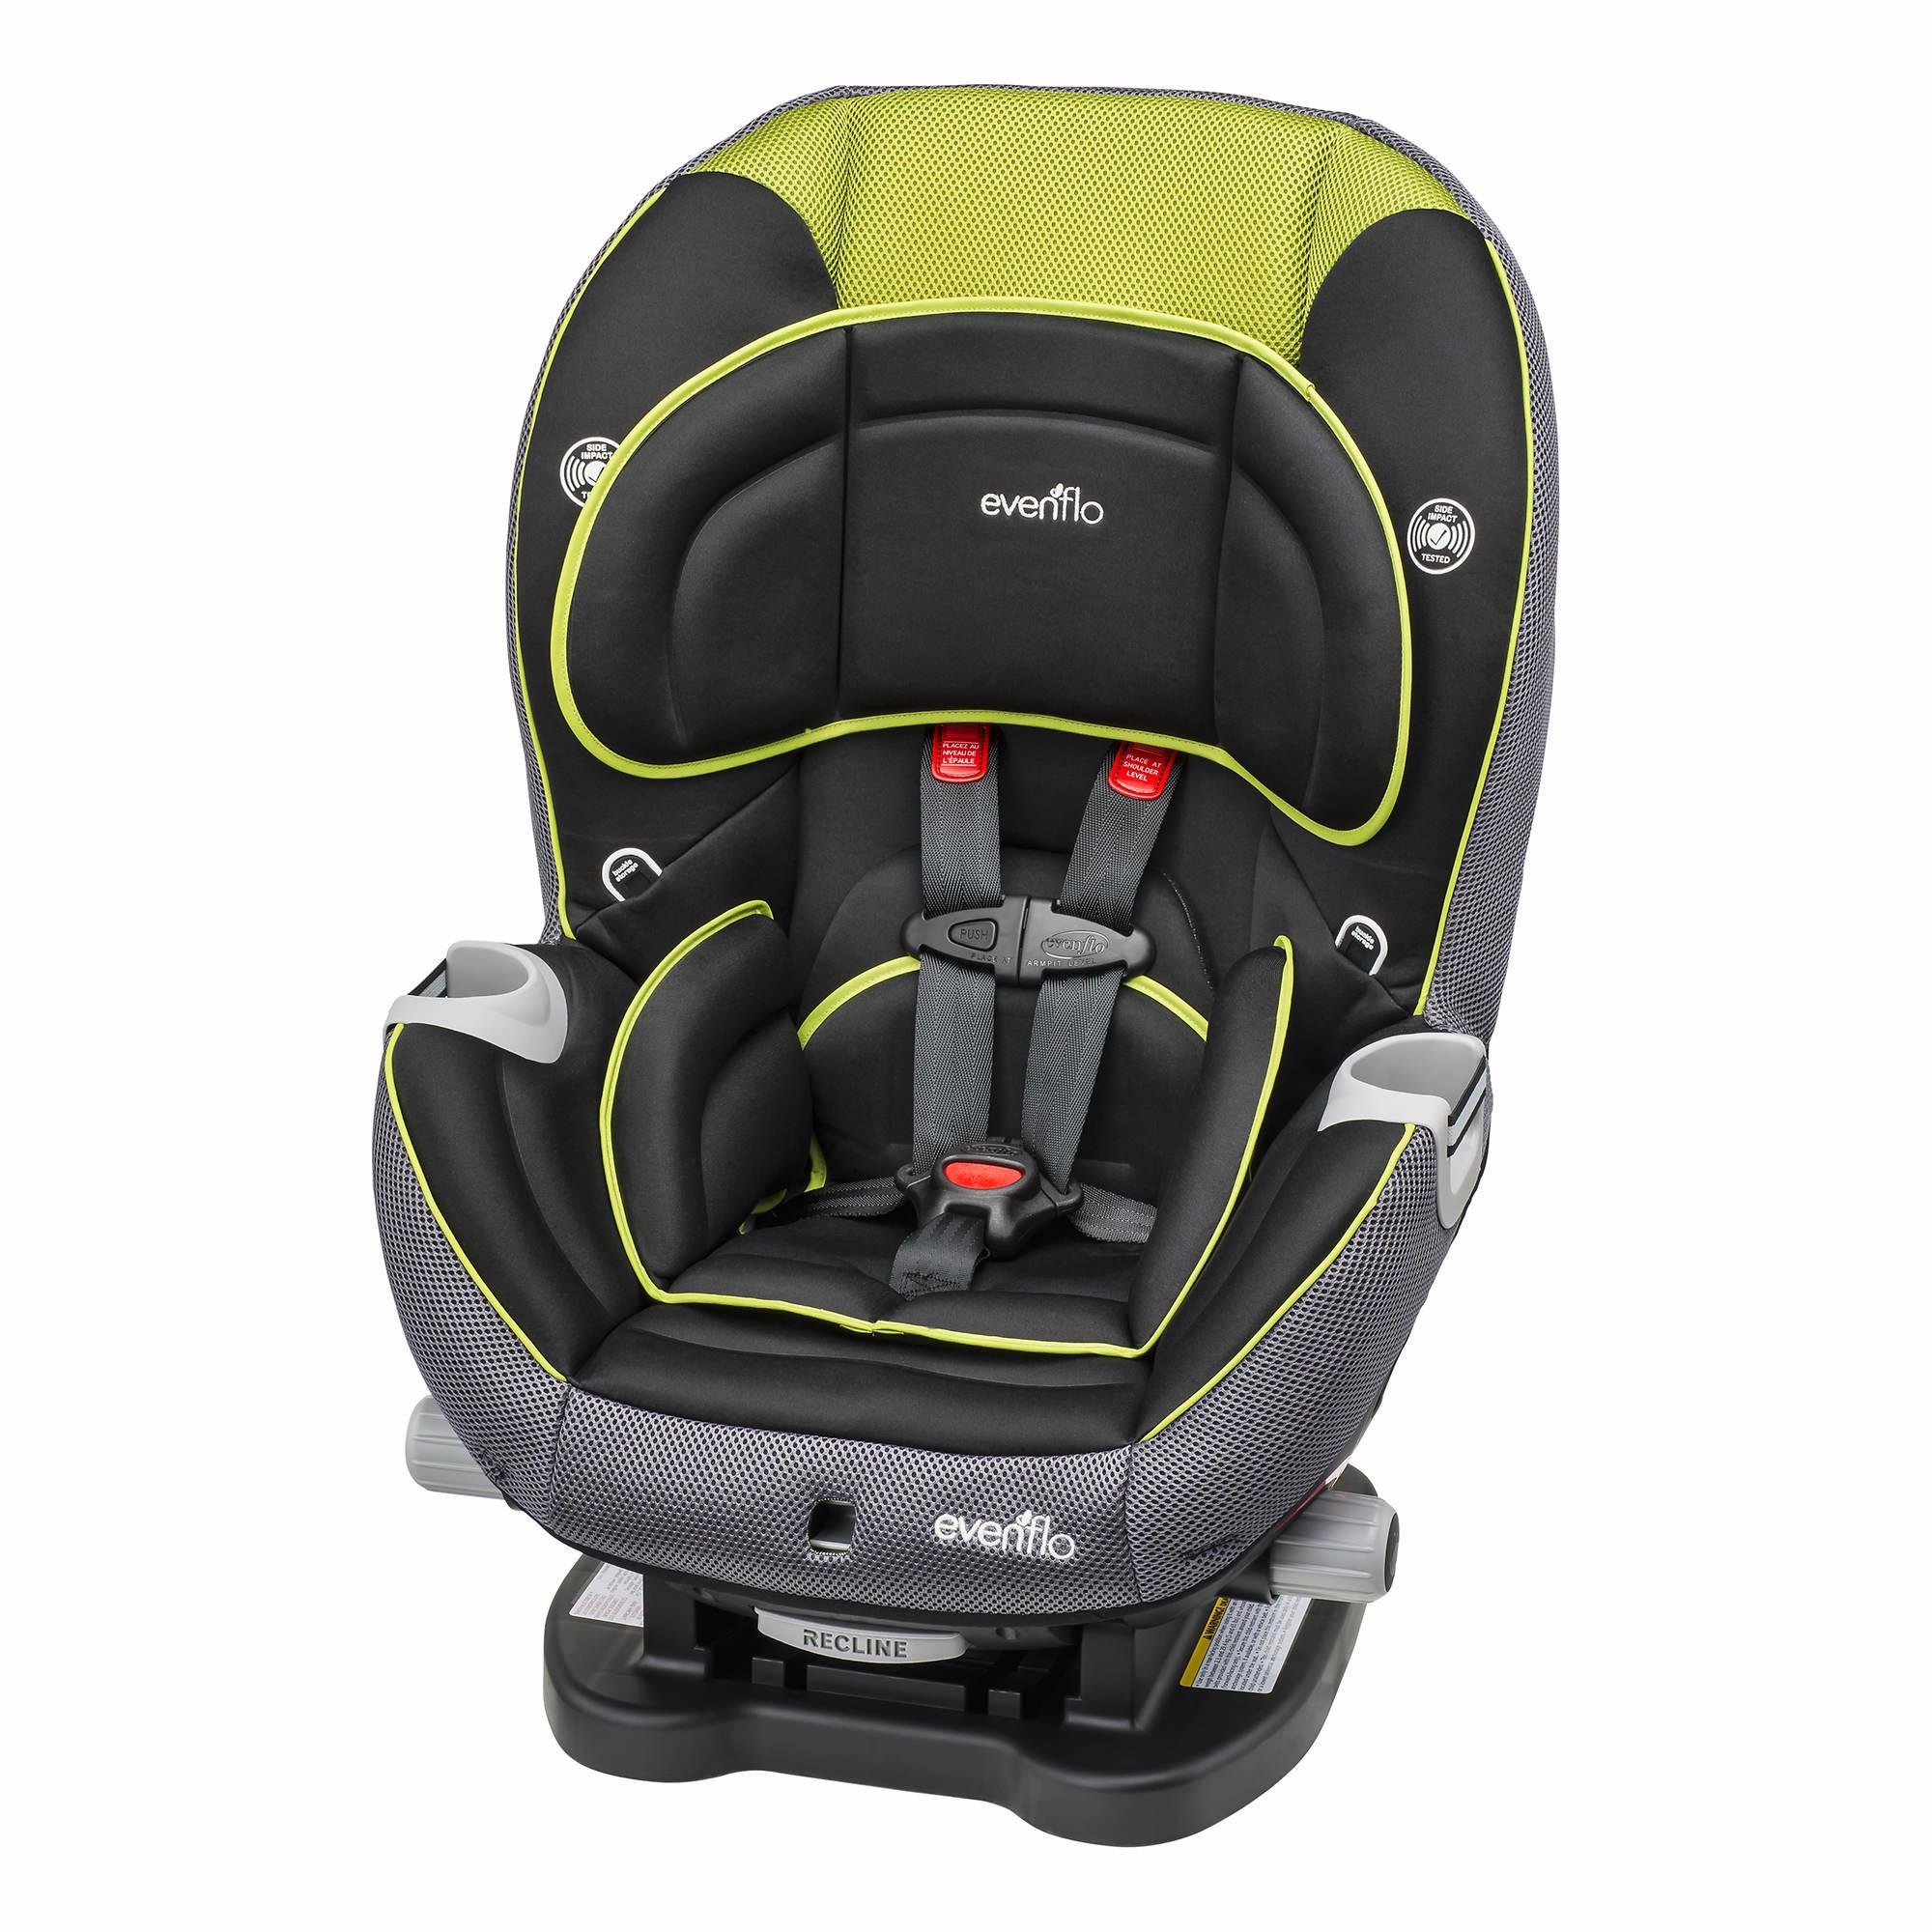 Evenflo Pro Comfort Protection Triumph LX Convertible Car